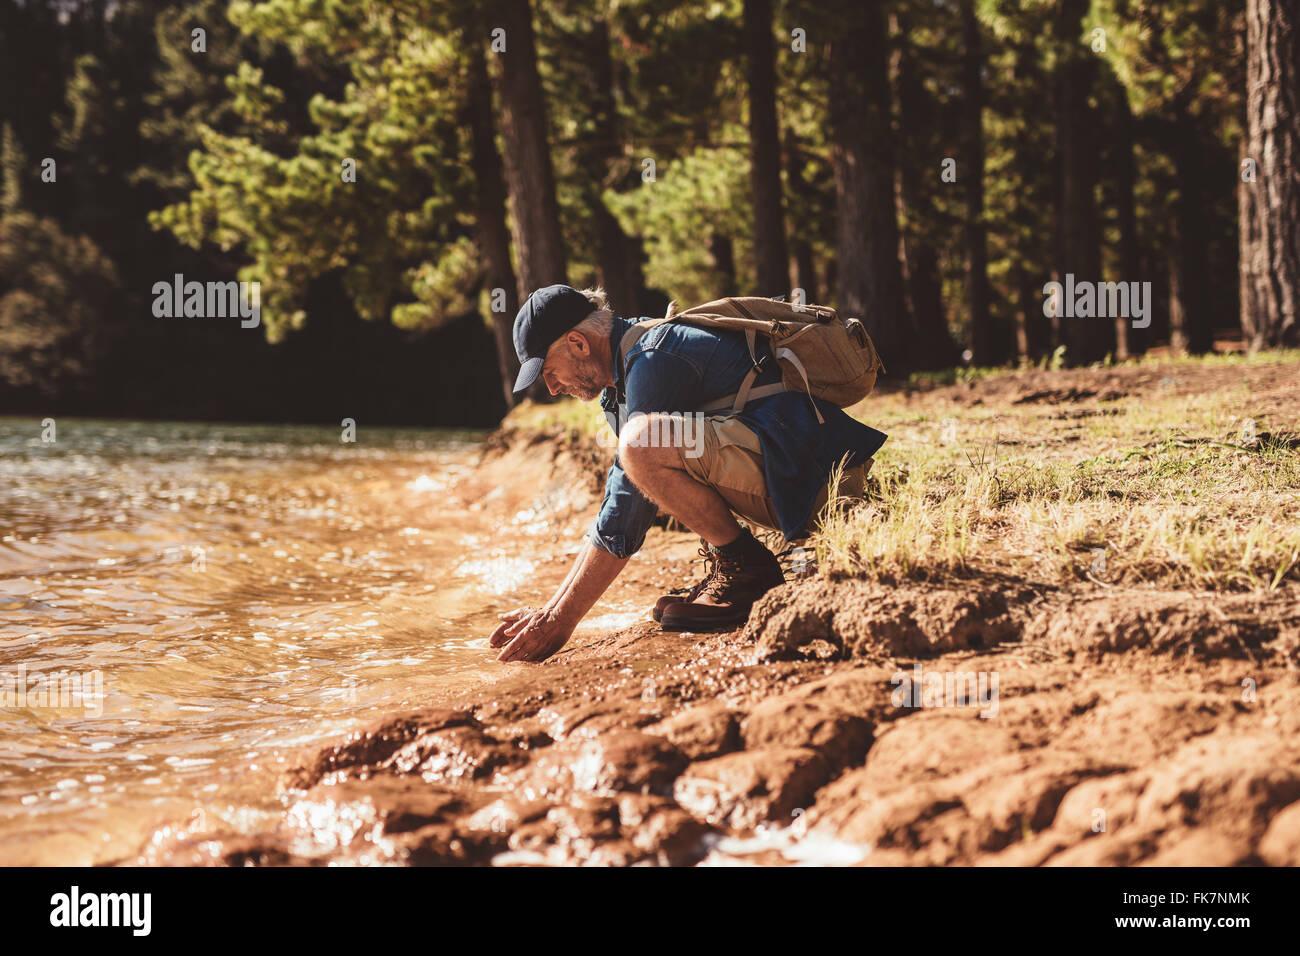 Side portrait of senior male hiker sitting by a lake et mettant les mains dans l'eau. Homme mûr lave-face Photo Stock